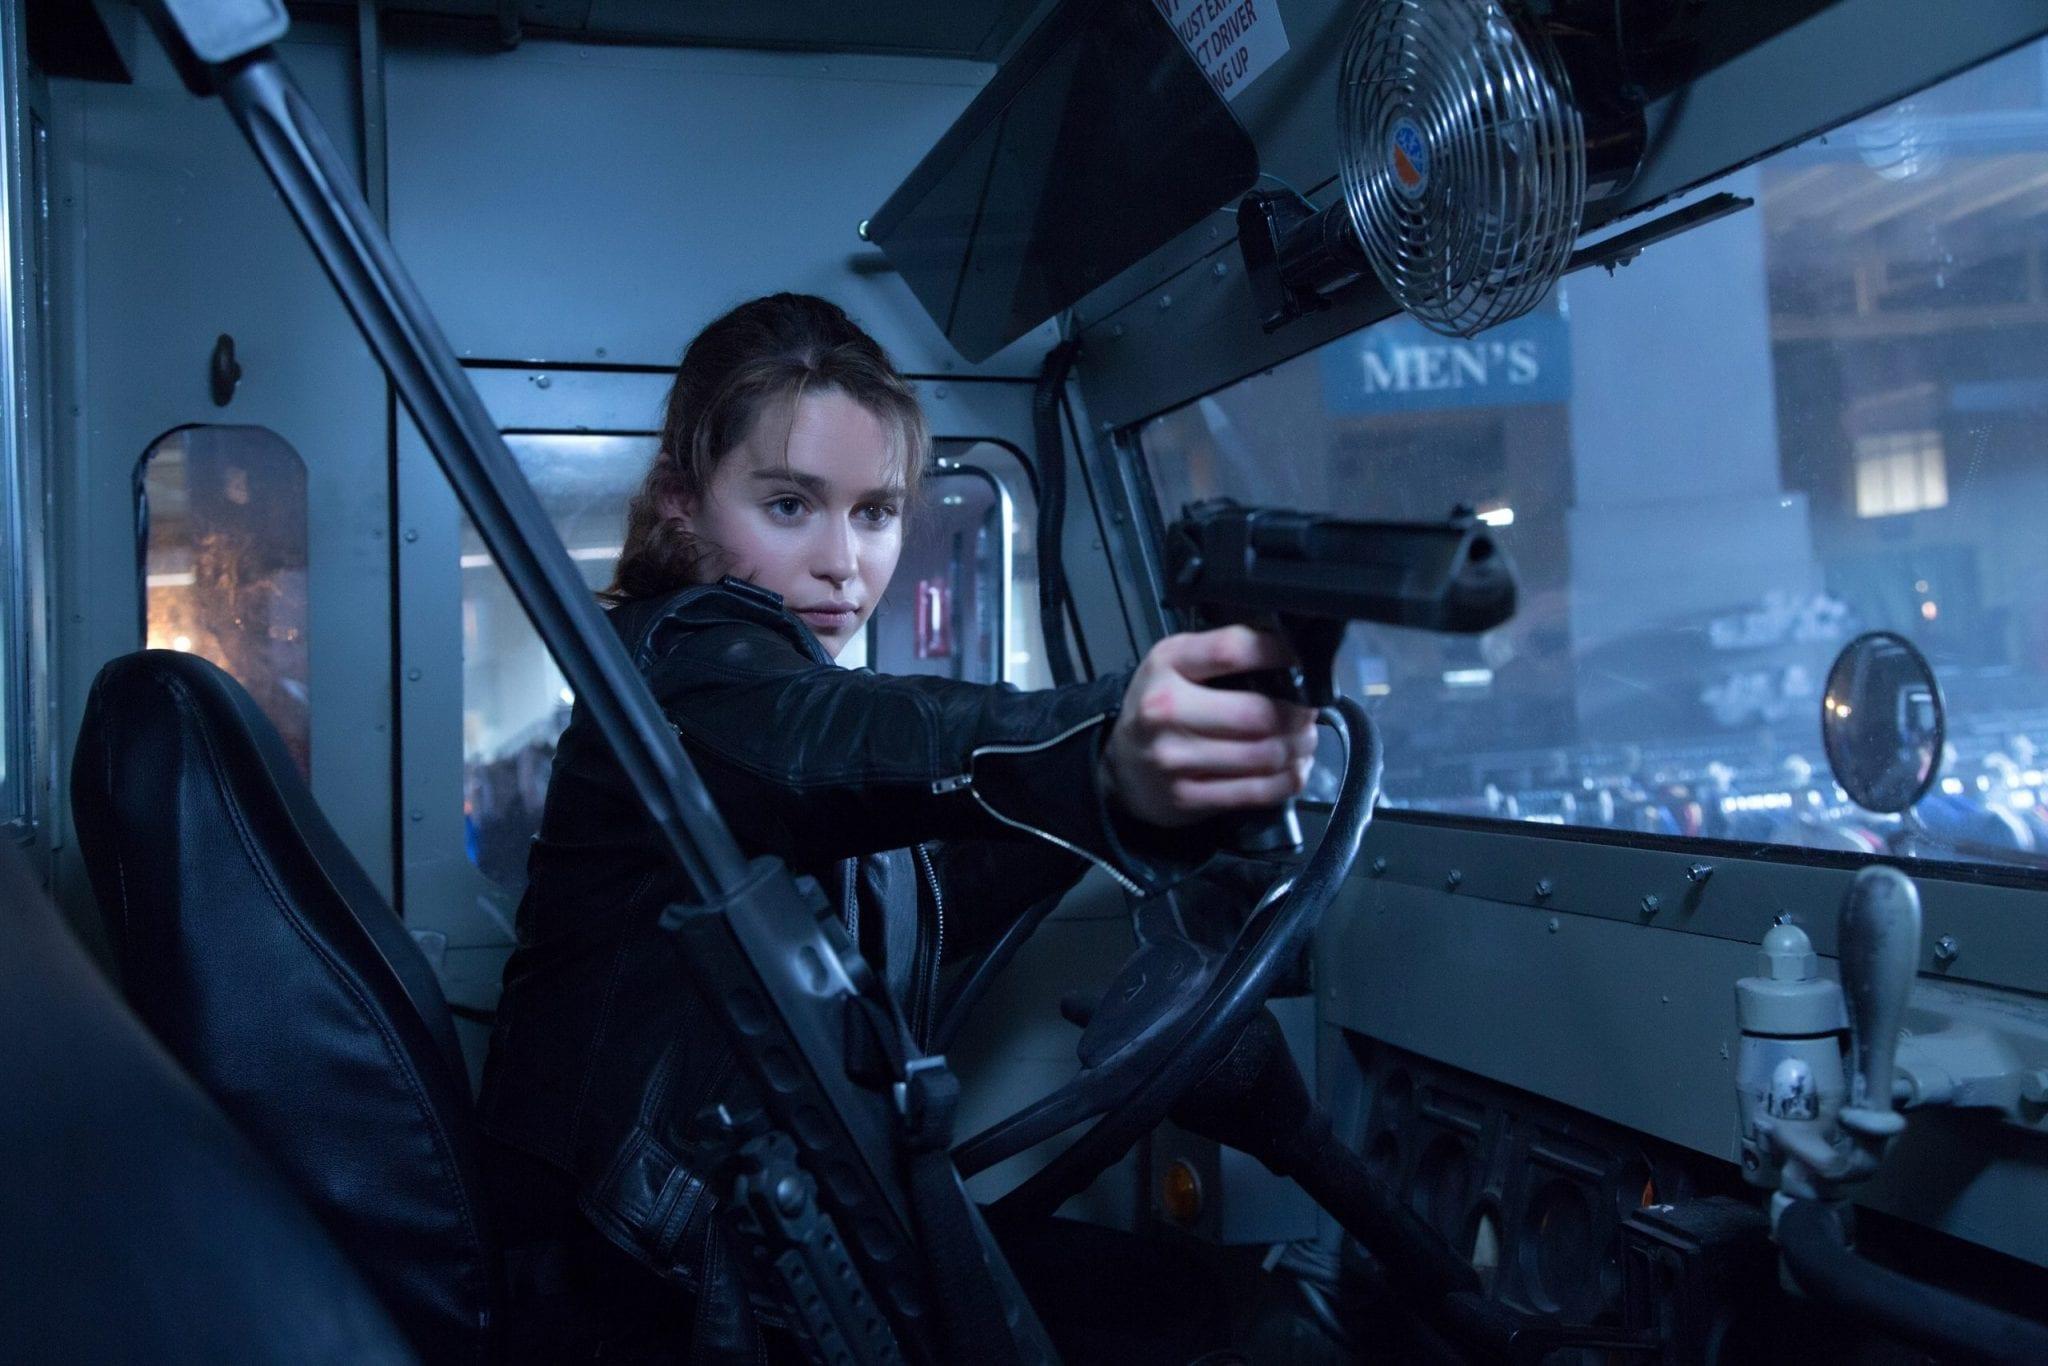 TuttalaTivu · GuidaTV 27 Marzo 2020: La semifinale di Amici, tra lo Speciale Tg1, The good doctor, Terminator Genisys e Quarto Grado